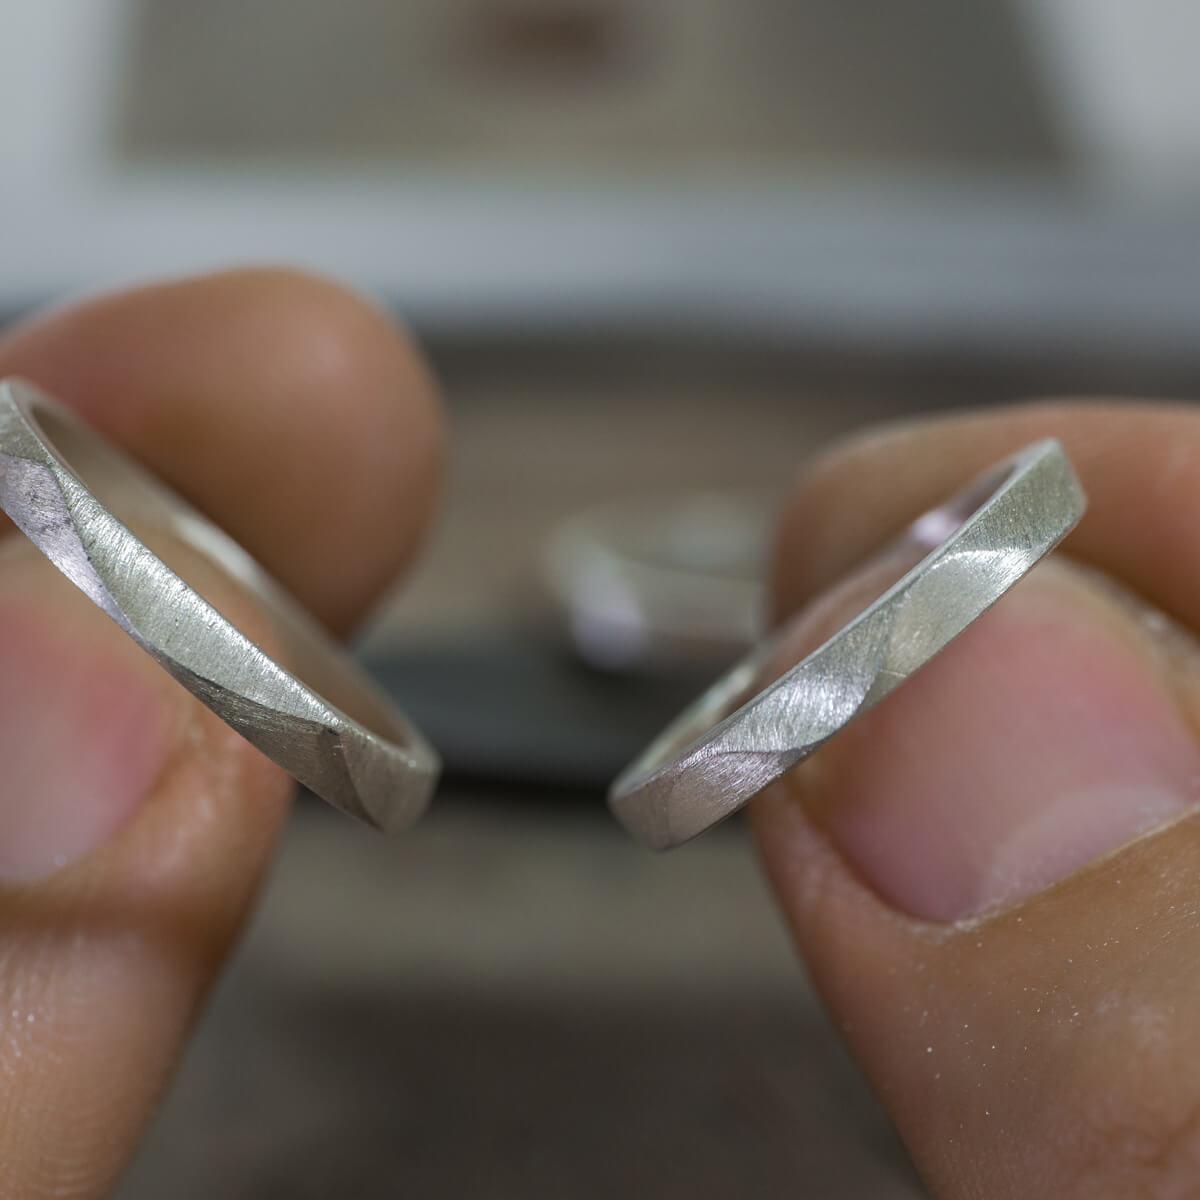 オーダーメイドマリッジリングのサンプル ジュエリーのアトリエ シルバーリングを手に 屋久島の波模様 屋久島でつくるr結婚指輪